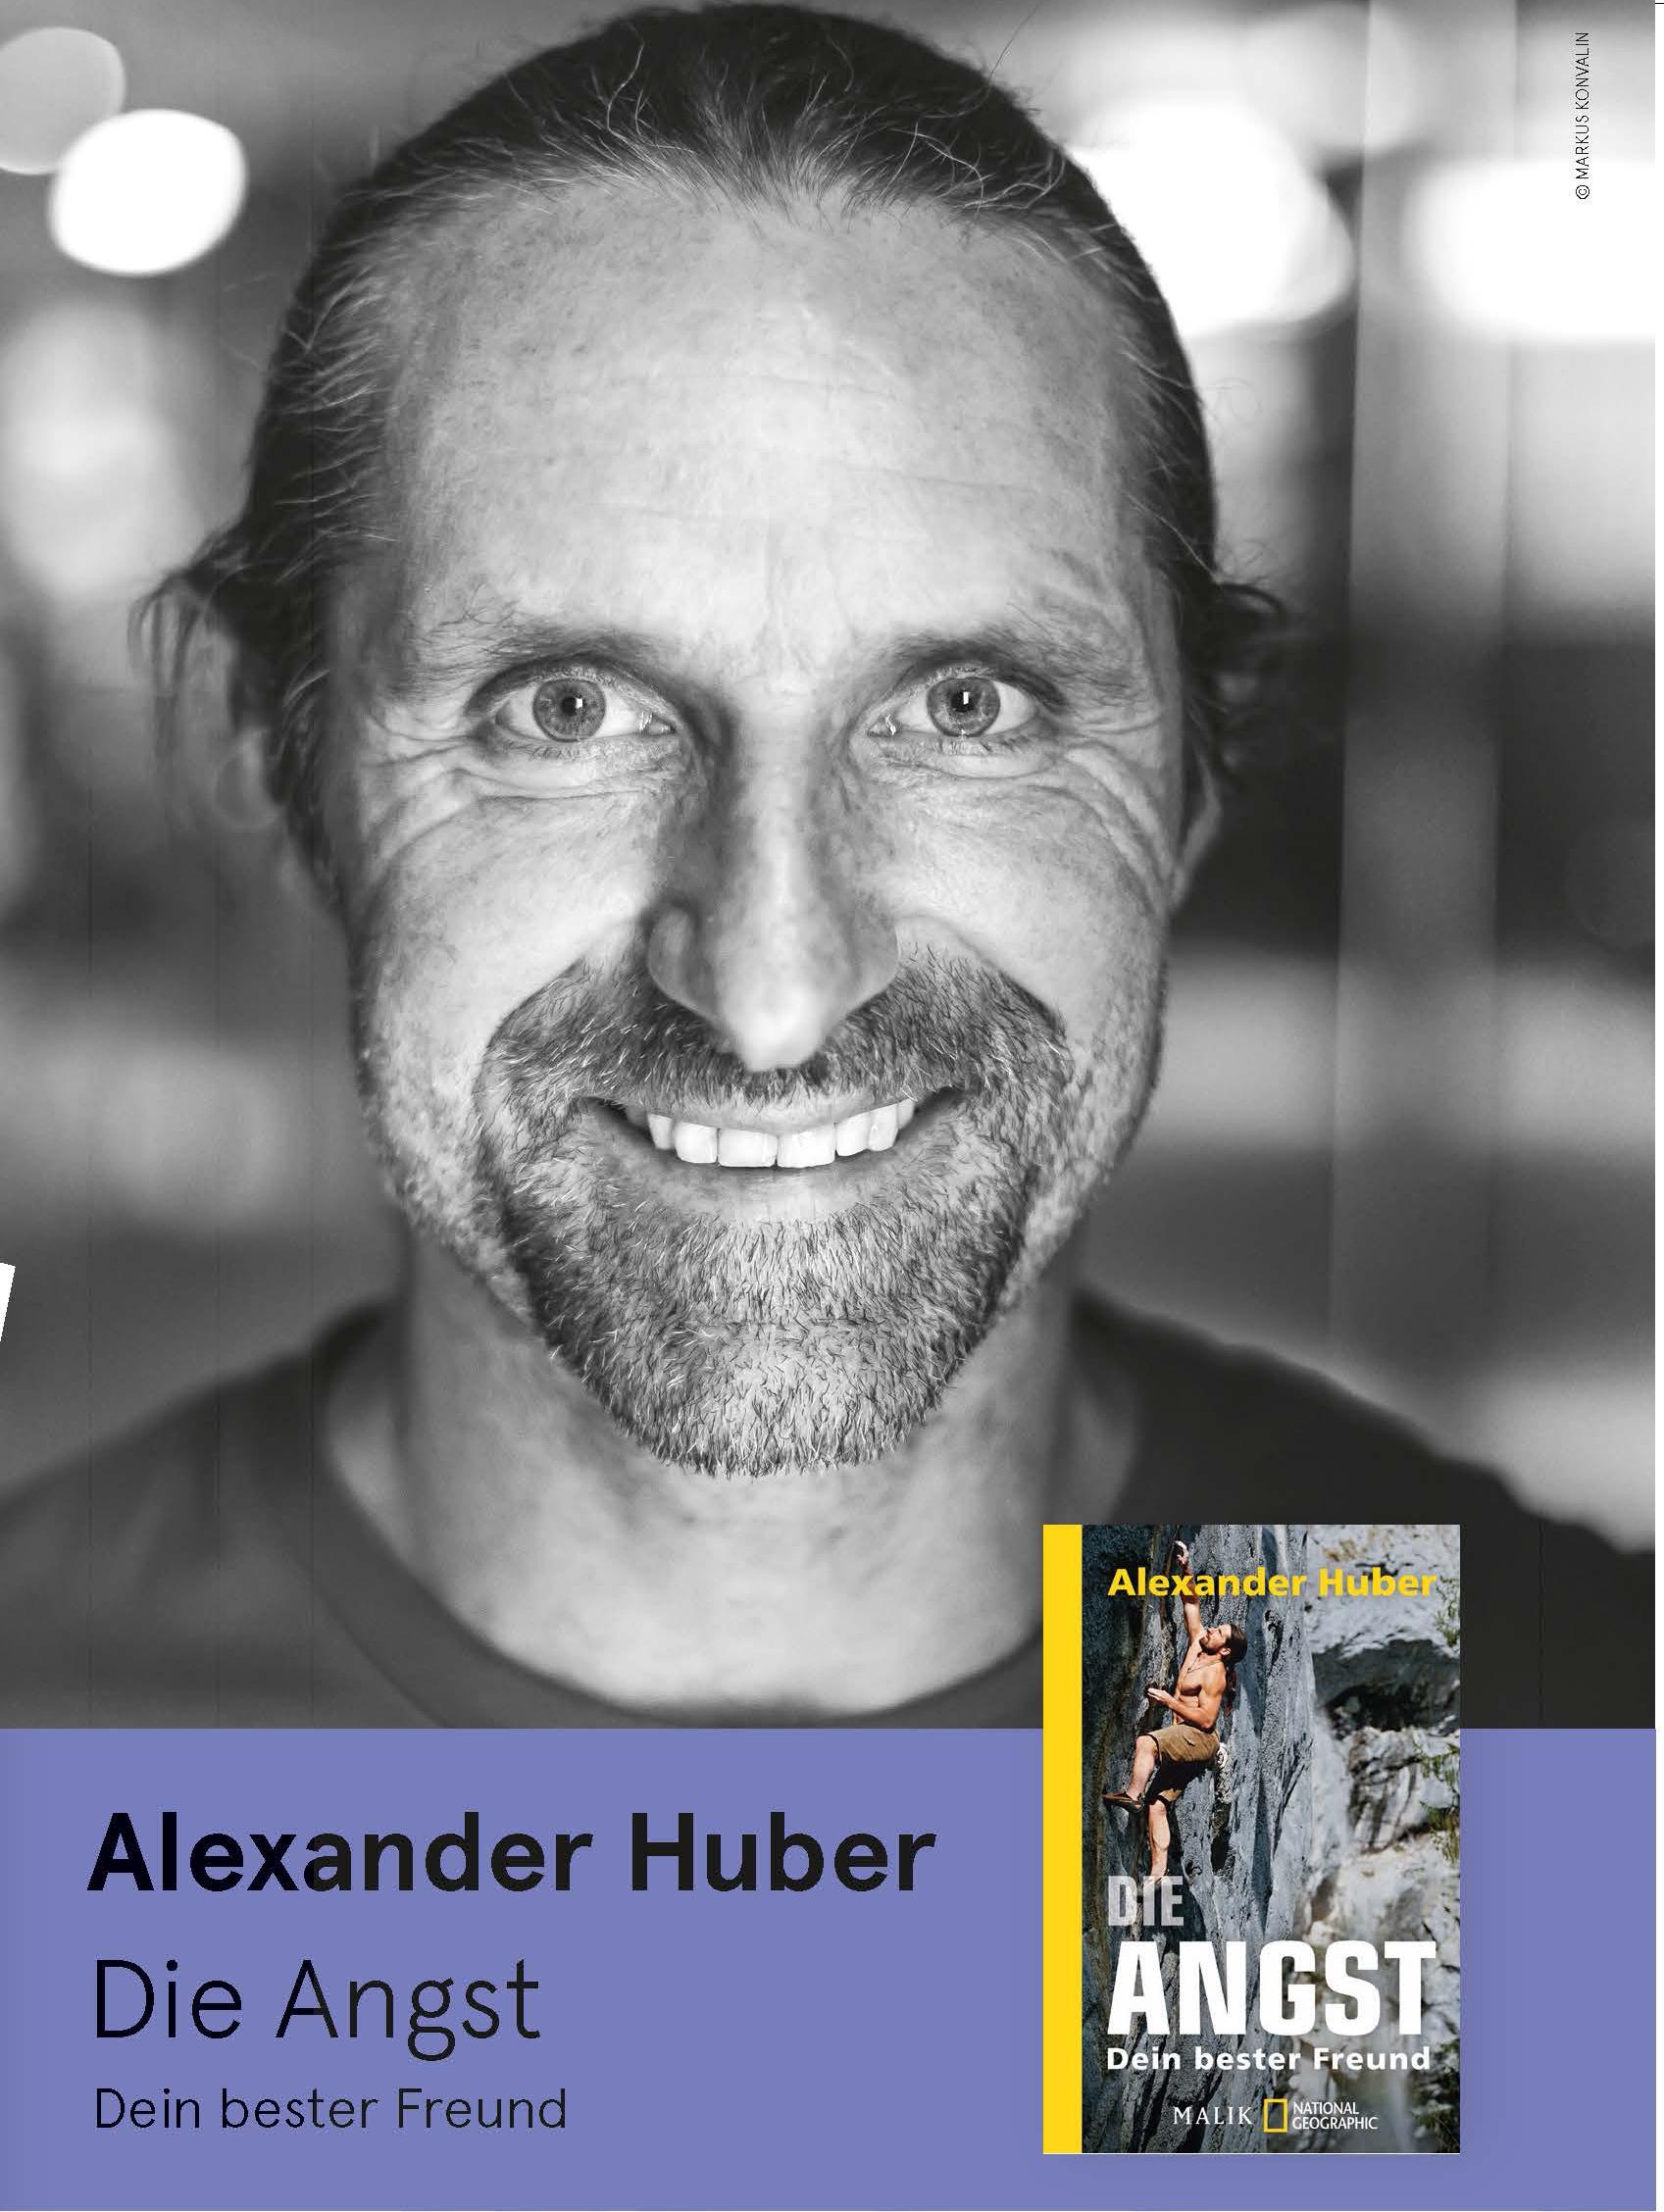 Alexander Huber von den Huaberbuam am 25.10.2020